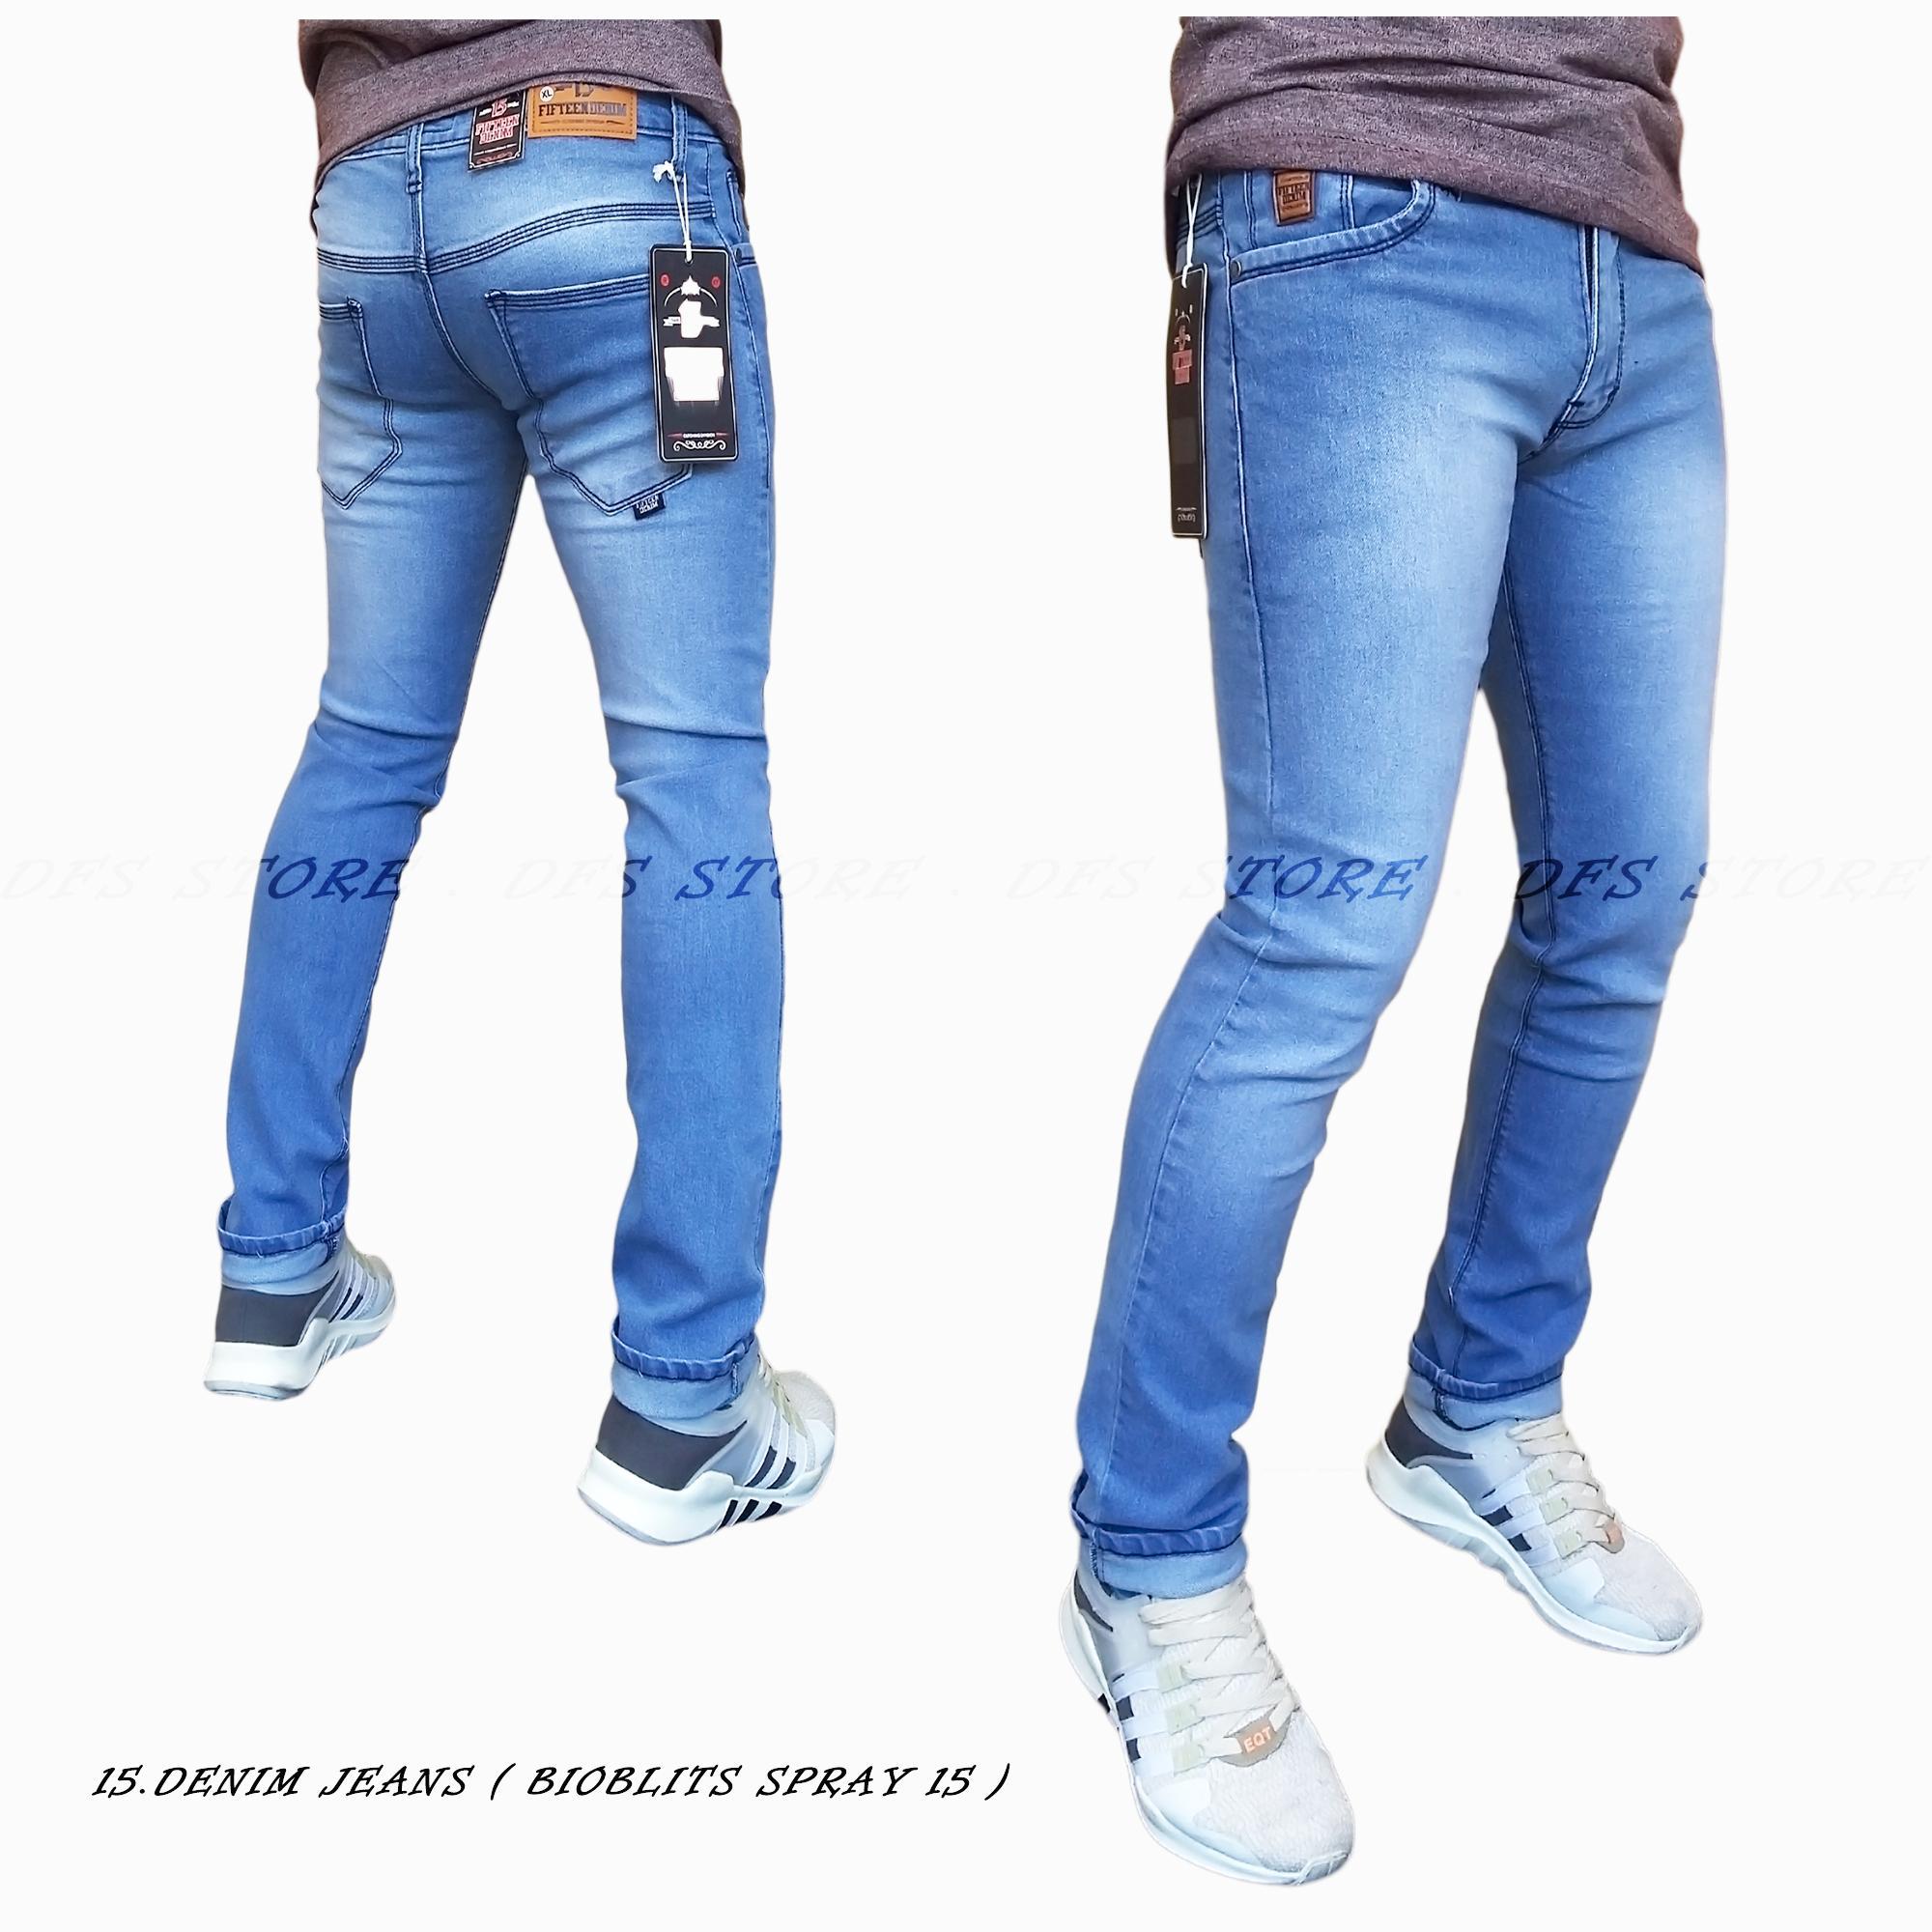 DFS-15DENIM Celana jeans denim skinny / slimfit / pensil pria – BIOBLITS SPRAY